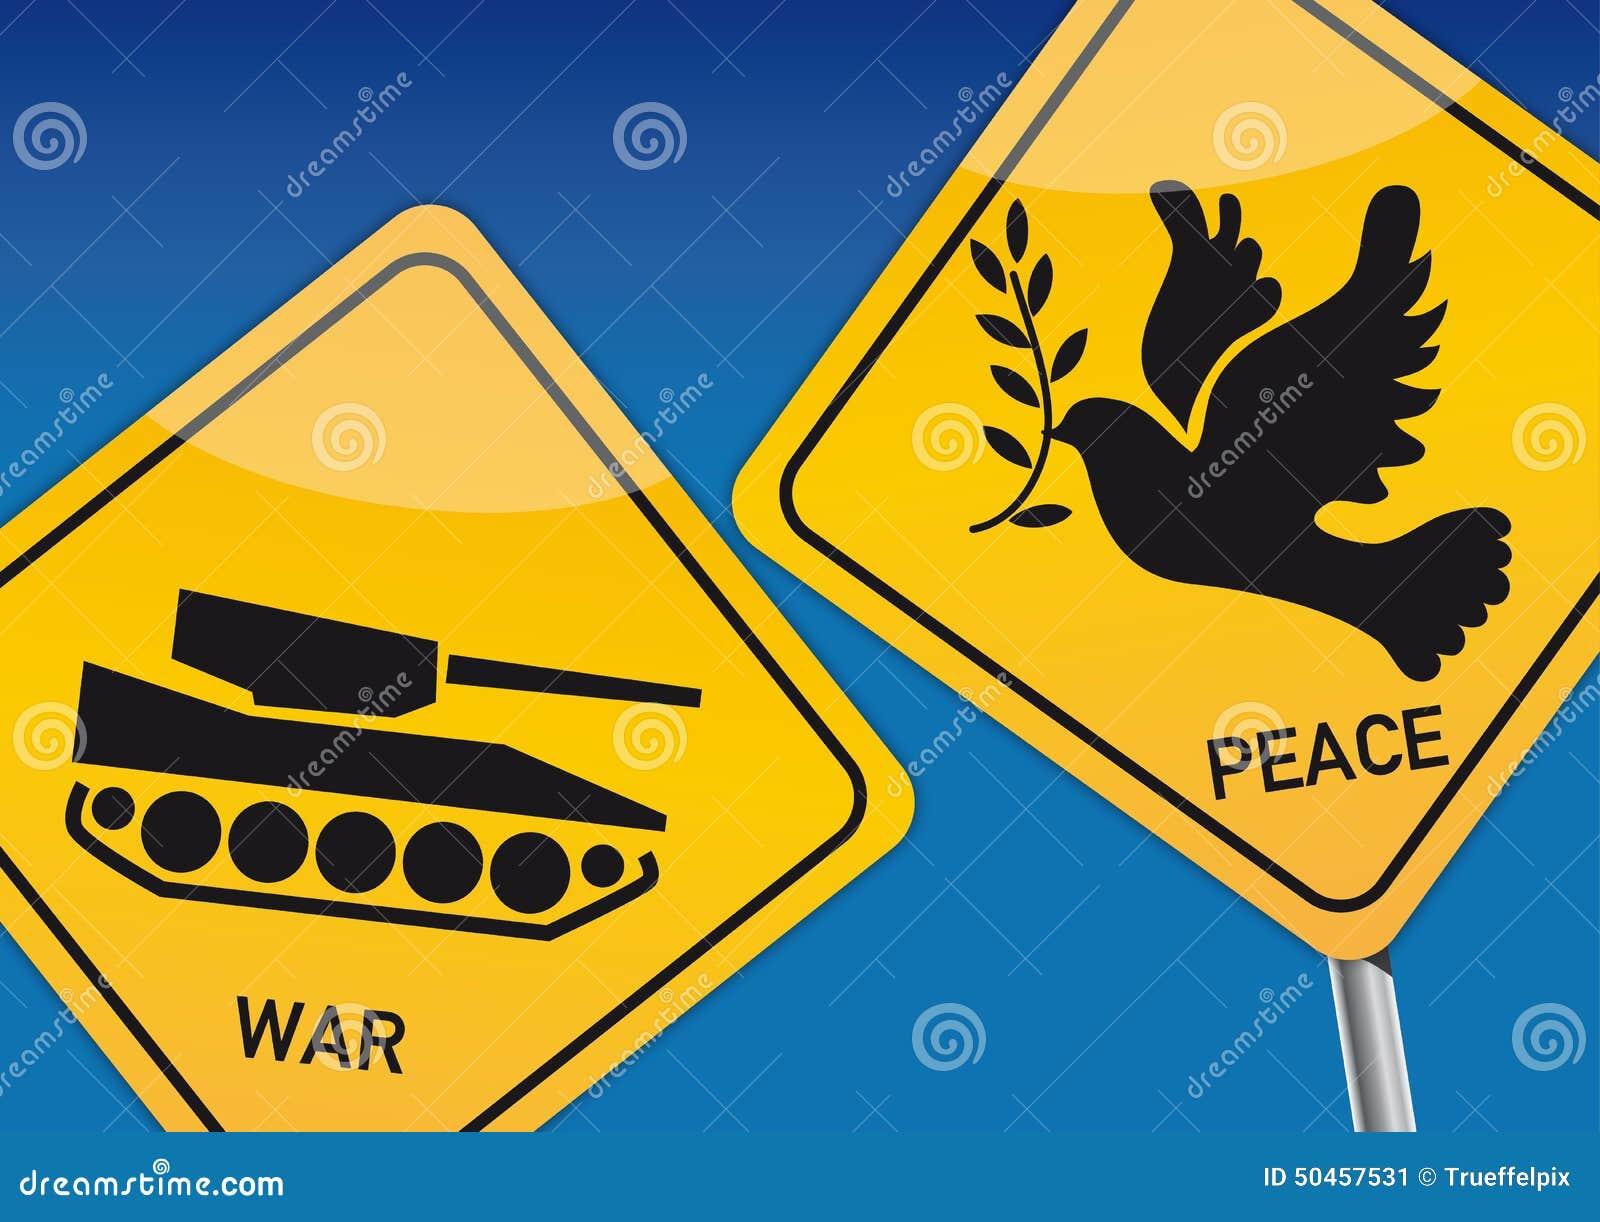 Citaten Oorlog En Vrede : Oorlog en vrede stock illustratie bestaande